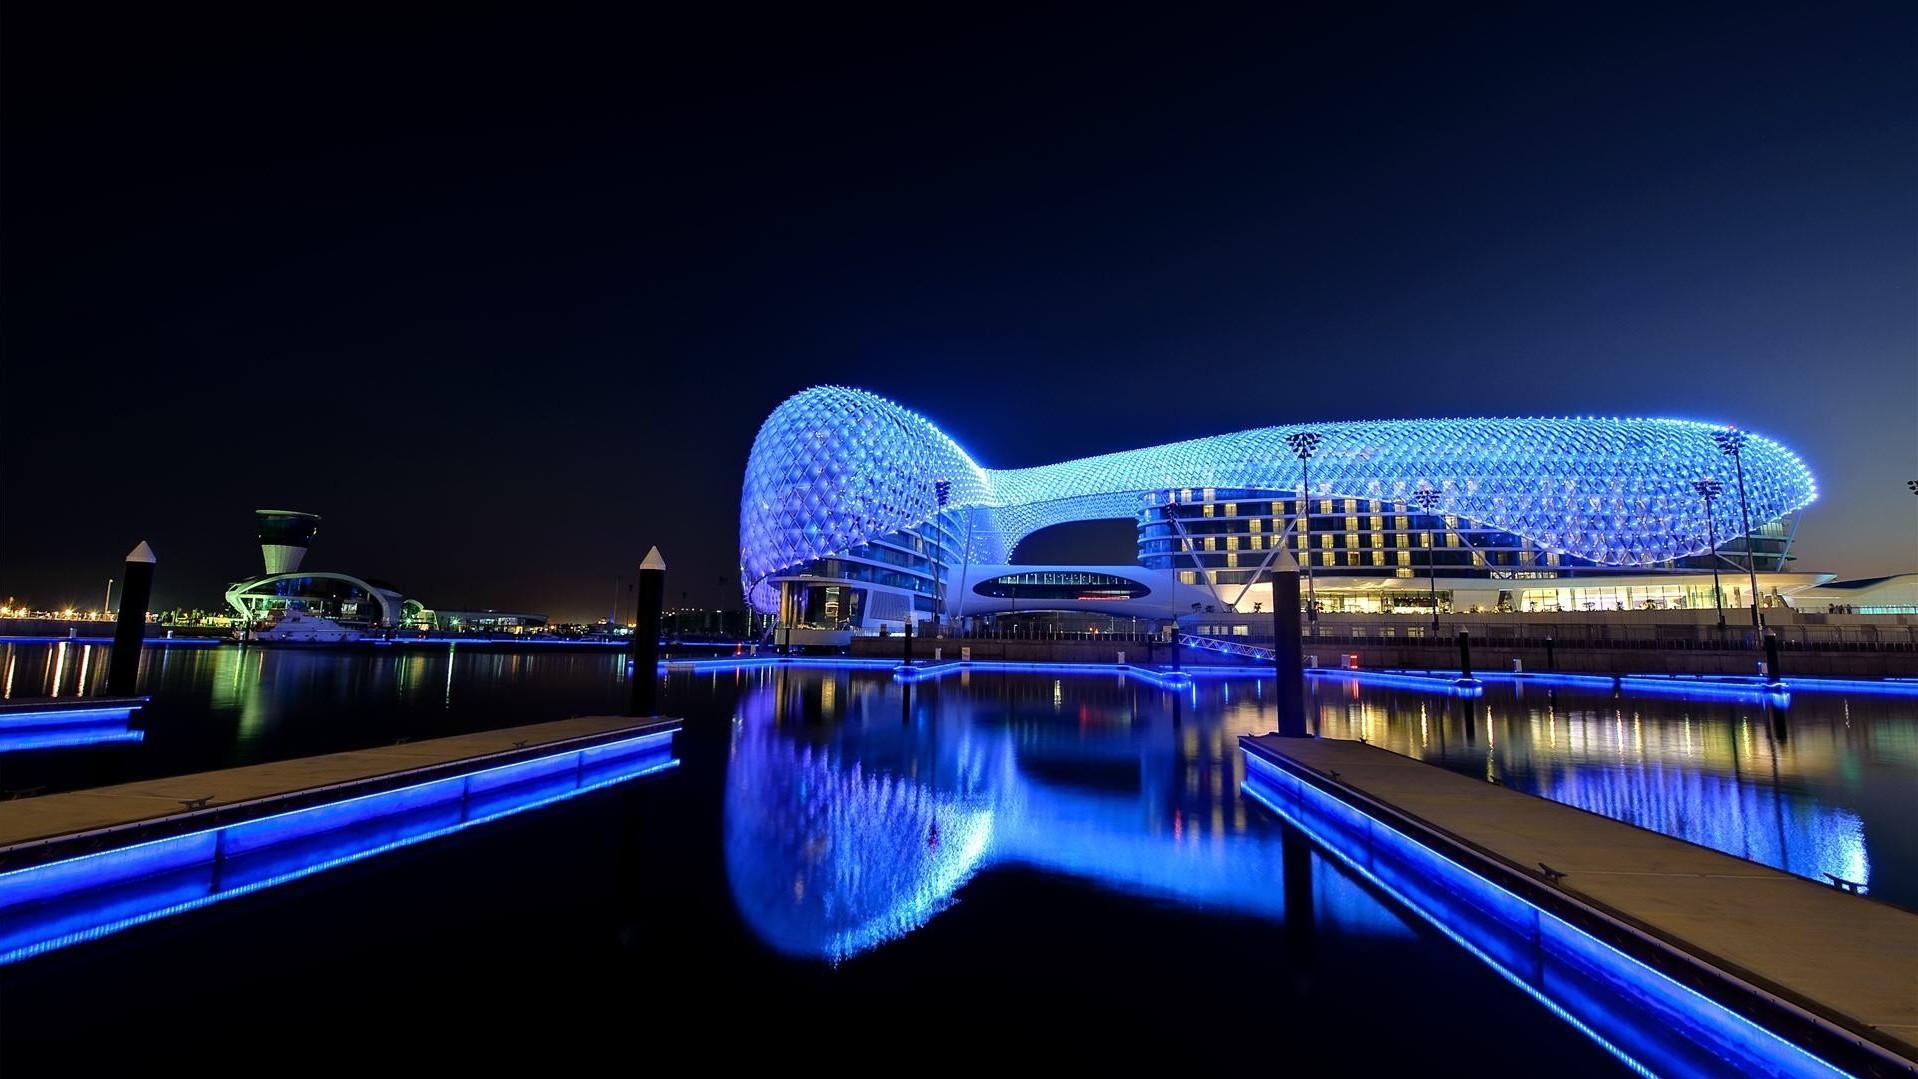 Circuito Yas Marina : Fondos de pantalla : luces paisaje urbano noche agua reflexión